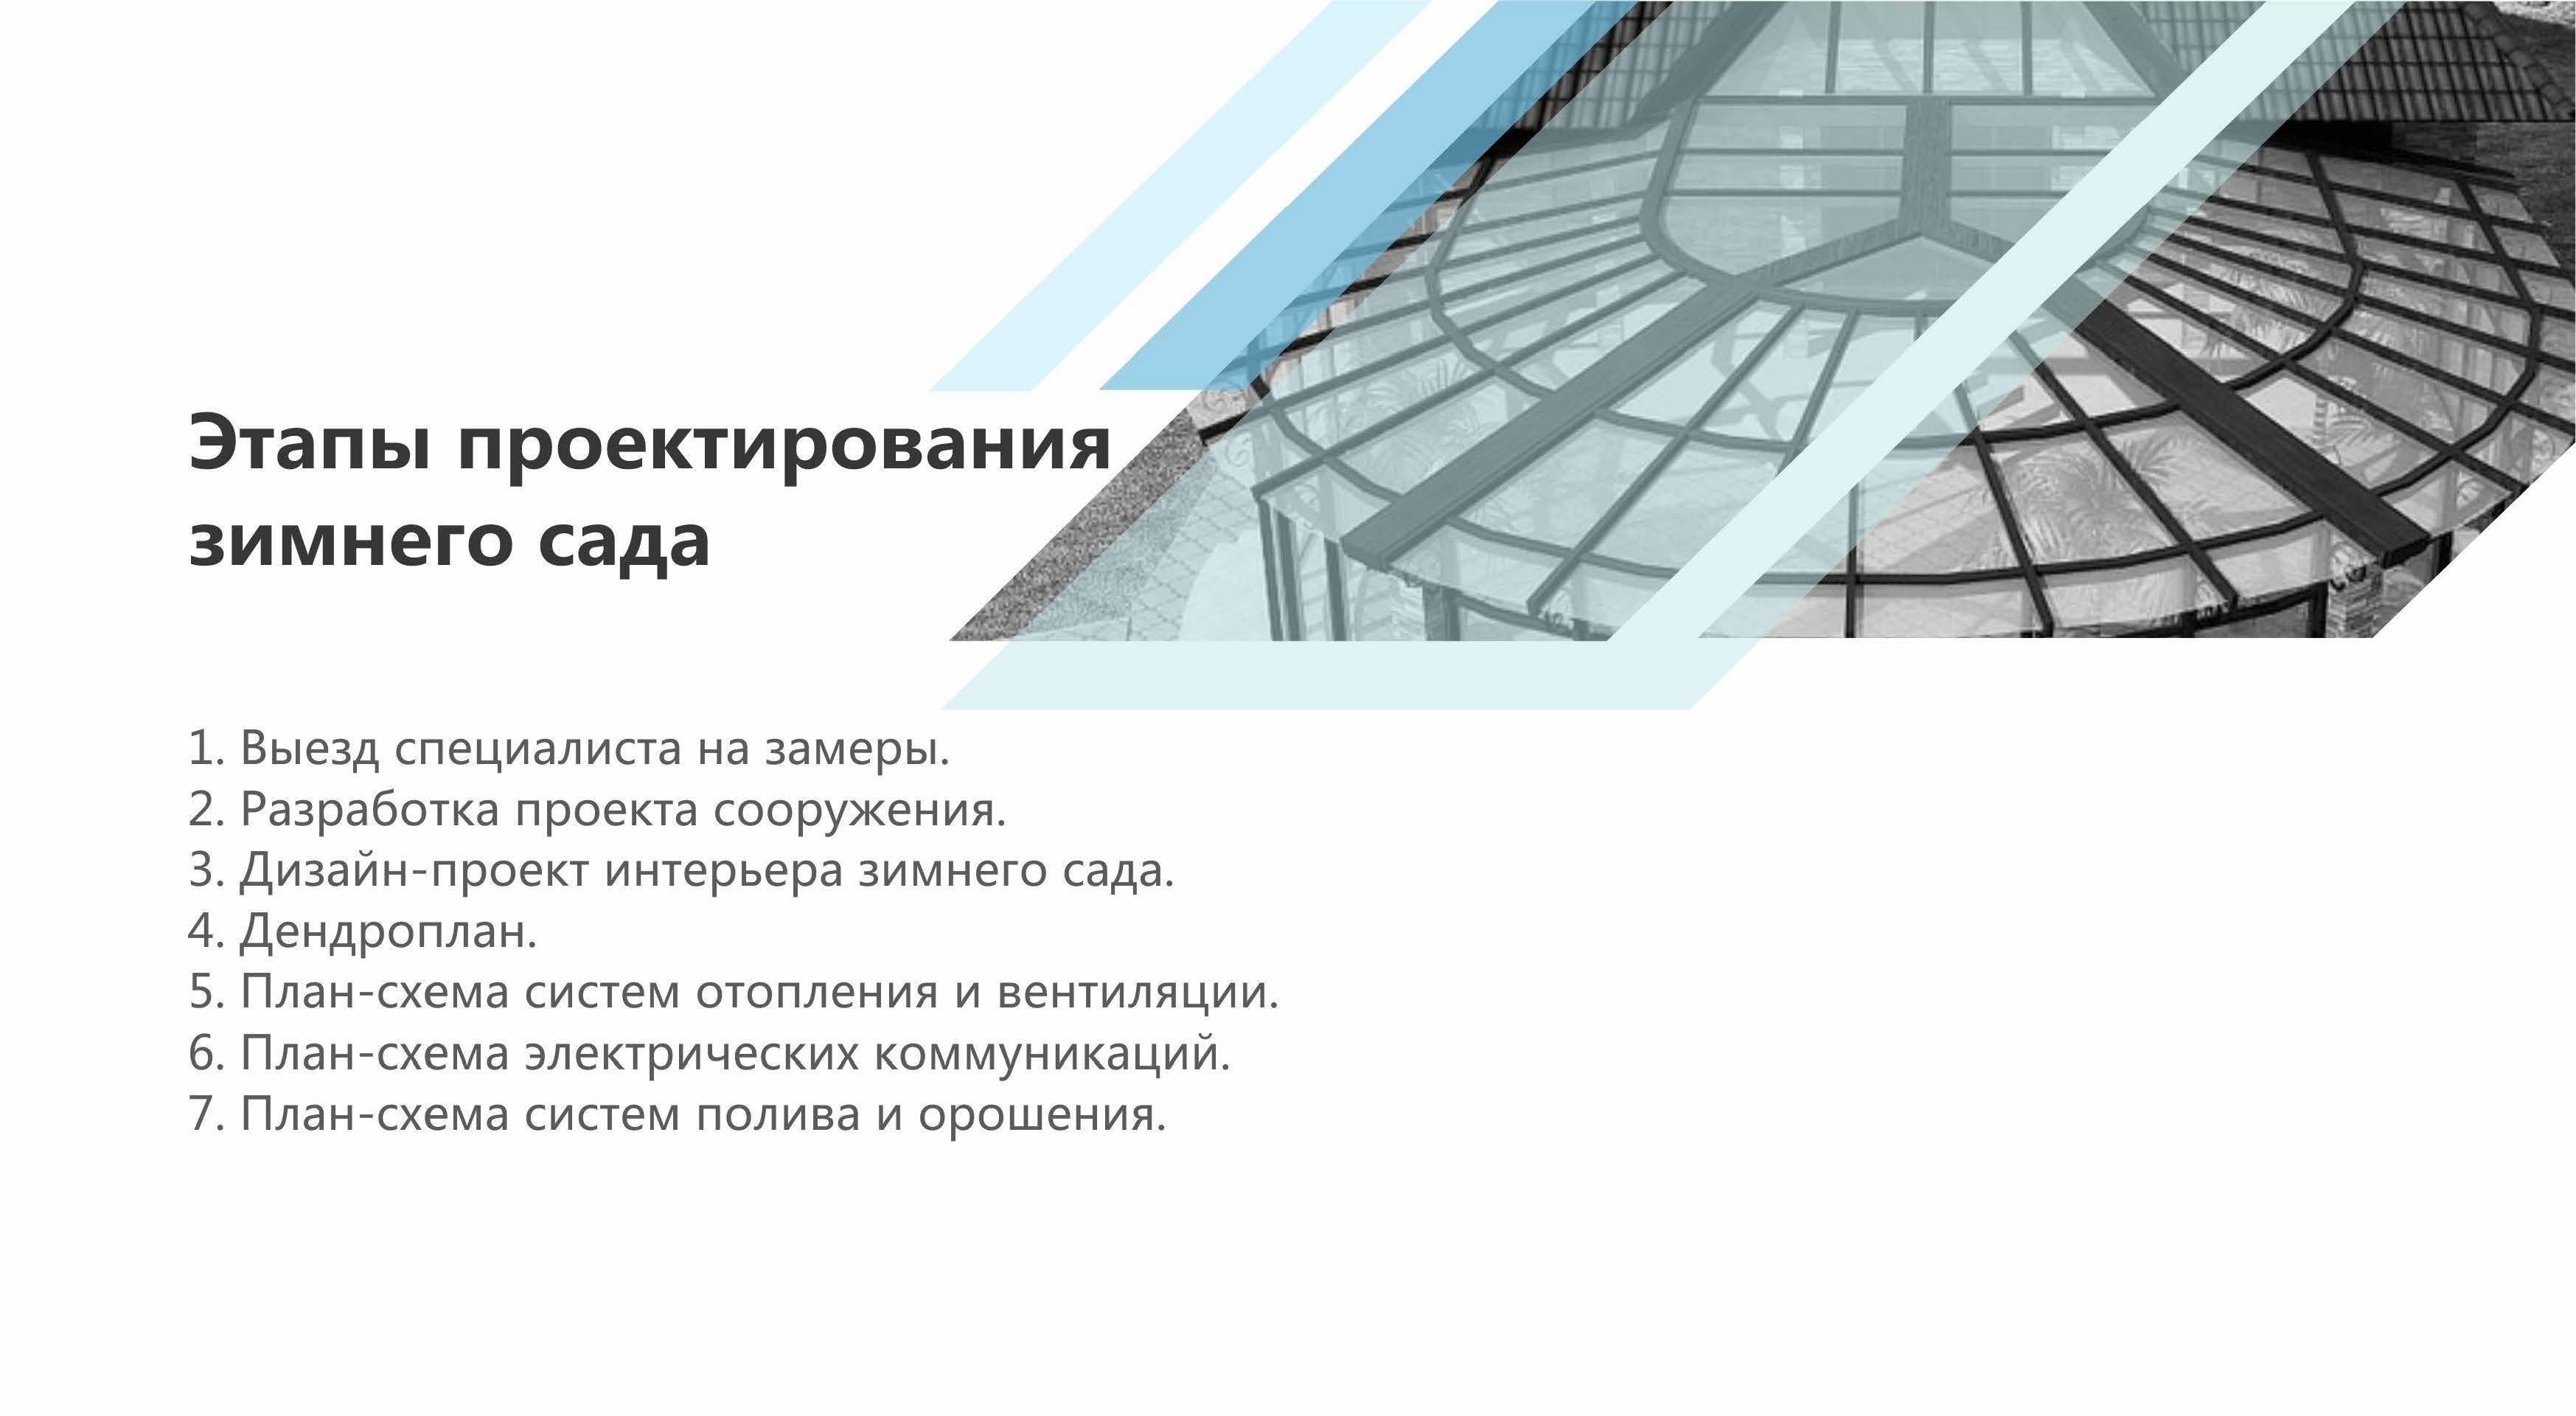 Зимний сад под ключ_Страница_03